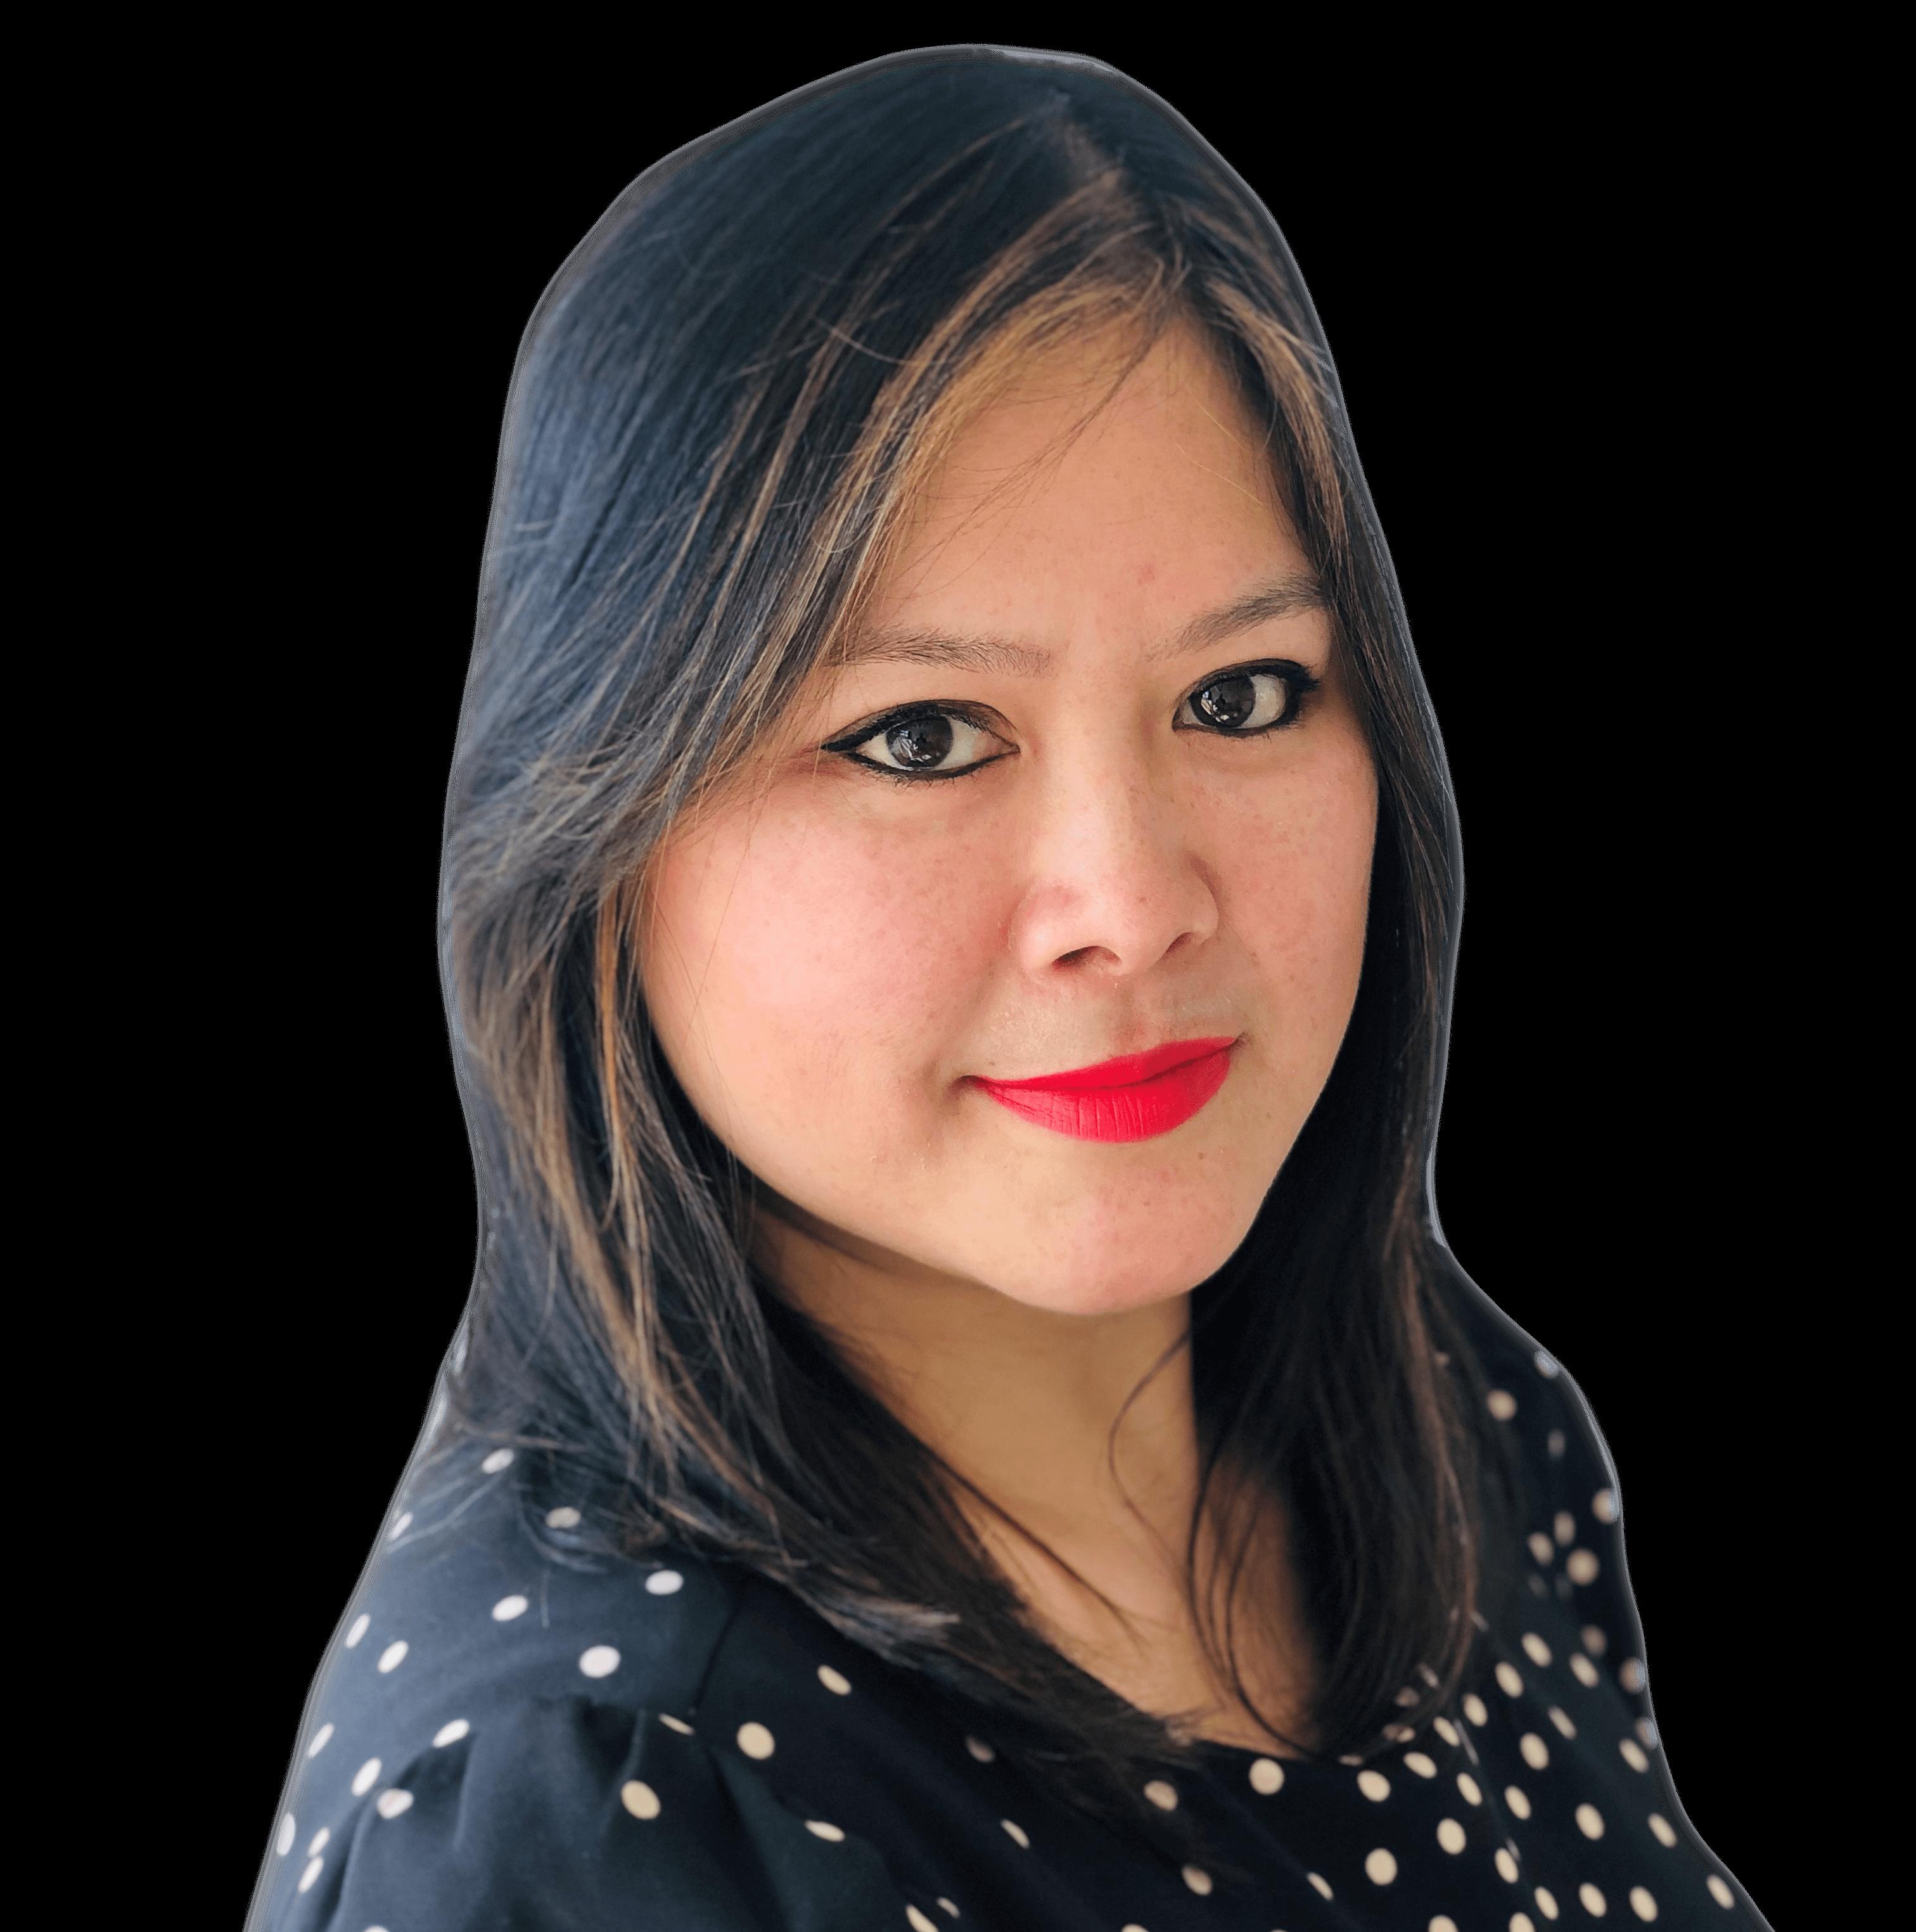 Katie Fung